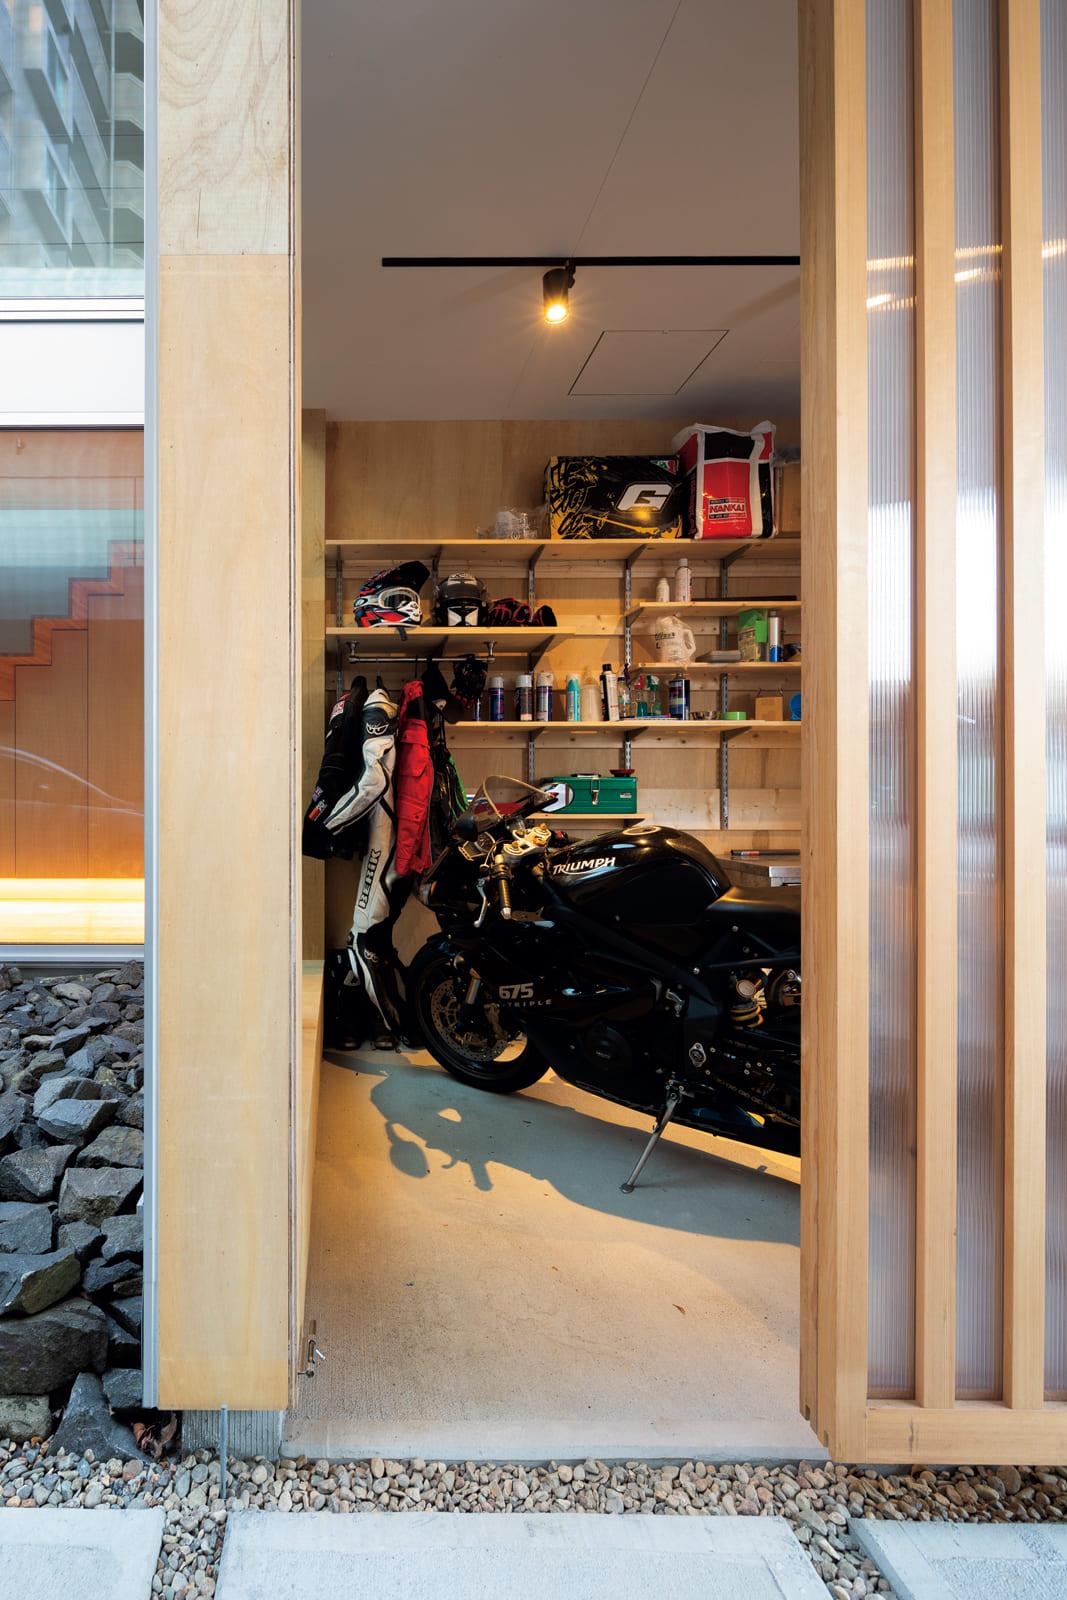 Yさんがが熱望したバイクガレージ。コンパクトながらも造作収納で、道具類もきれいに整理できる